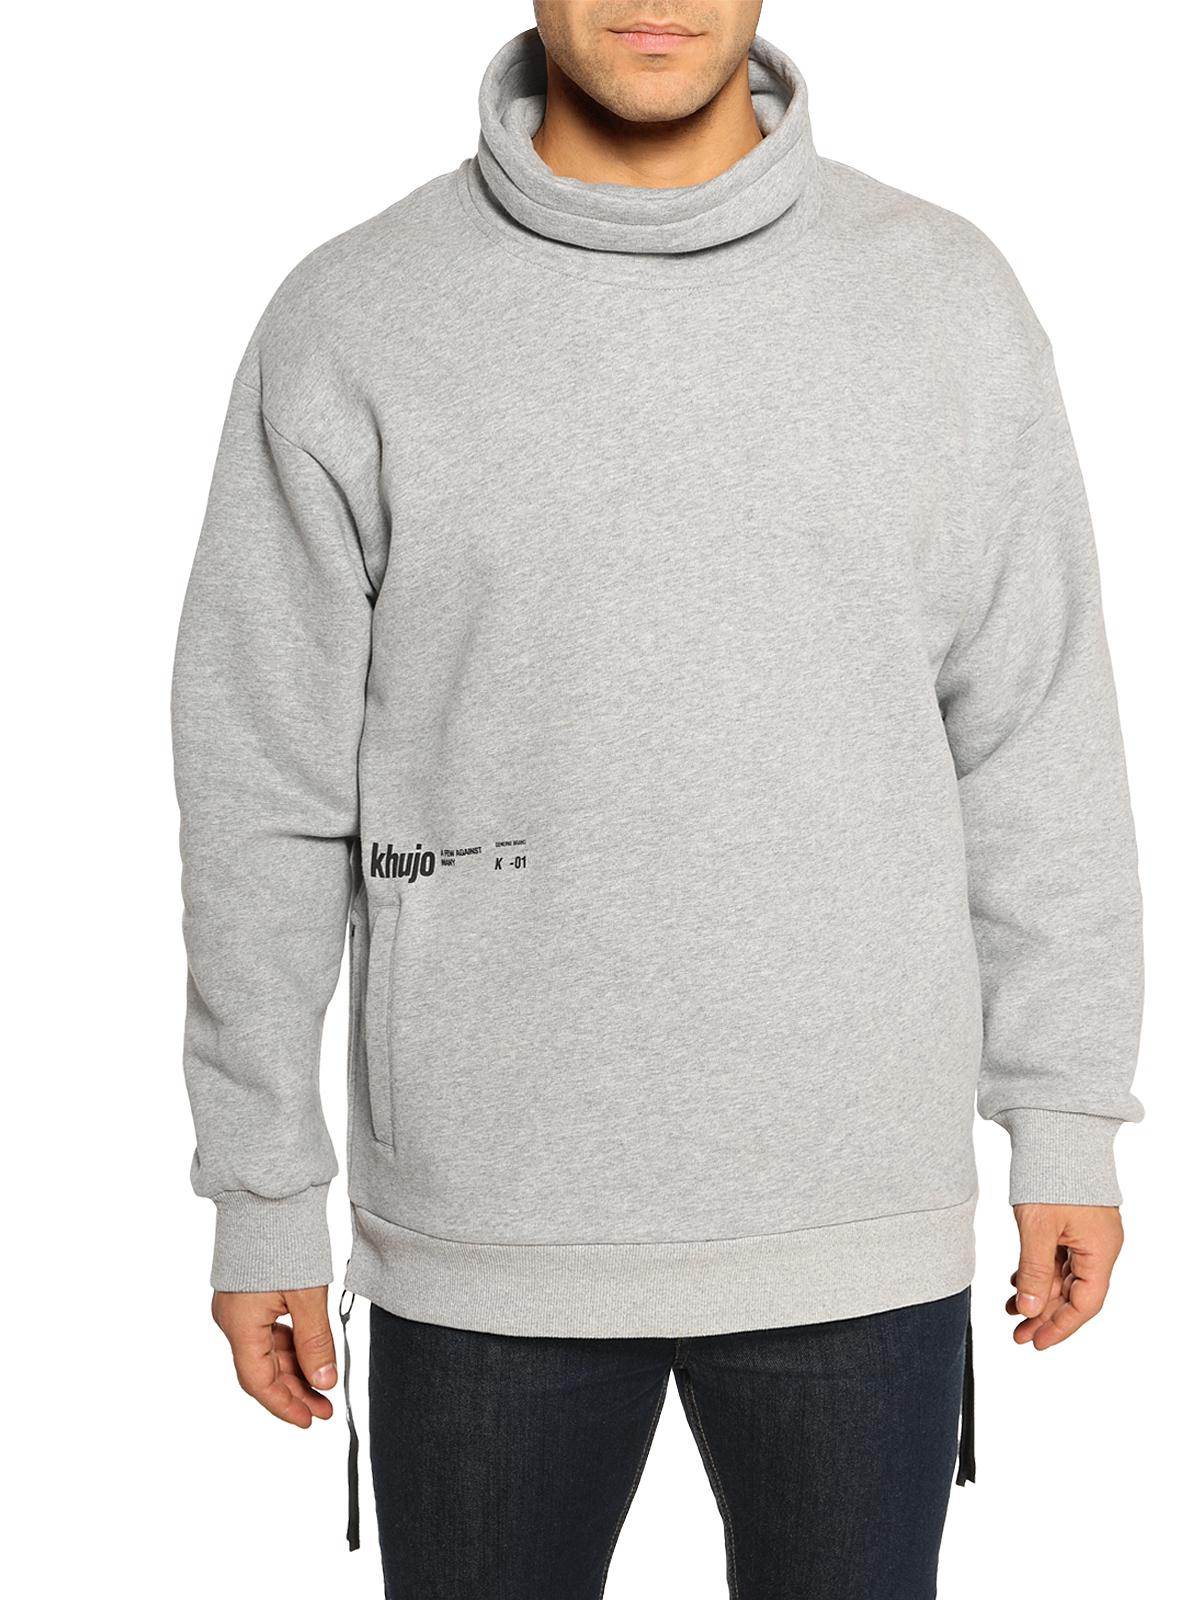 Khujo Sweatshirt Warlock schwarz | Dress for less